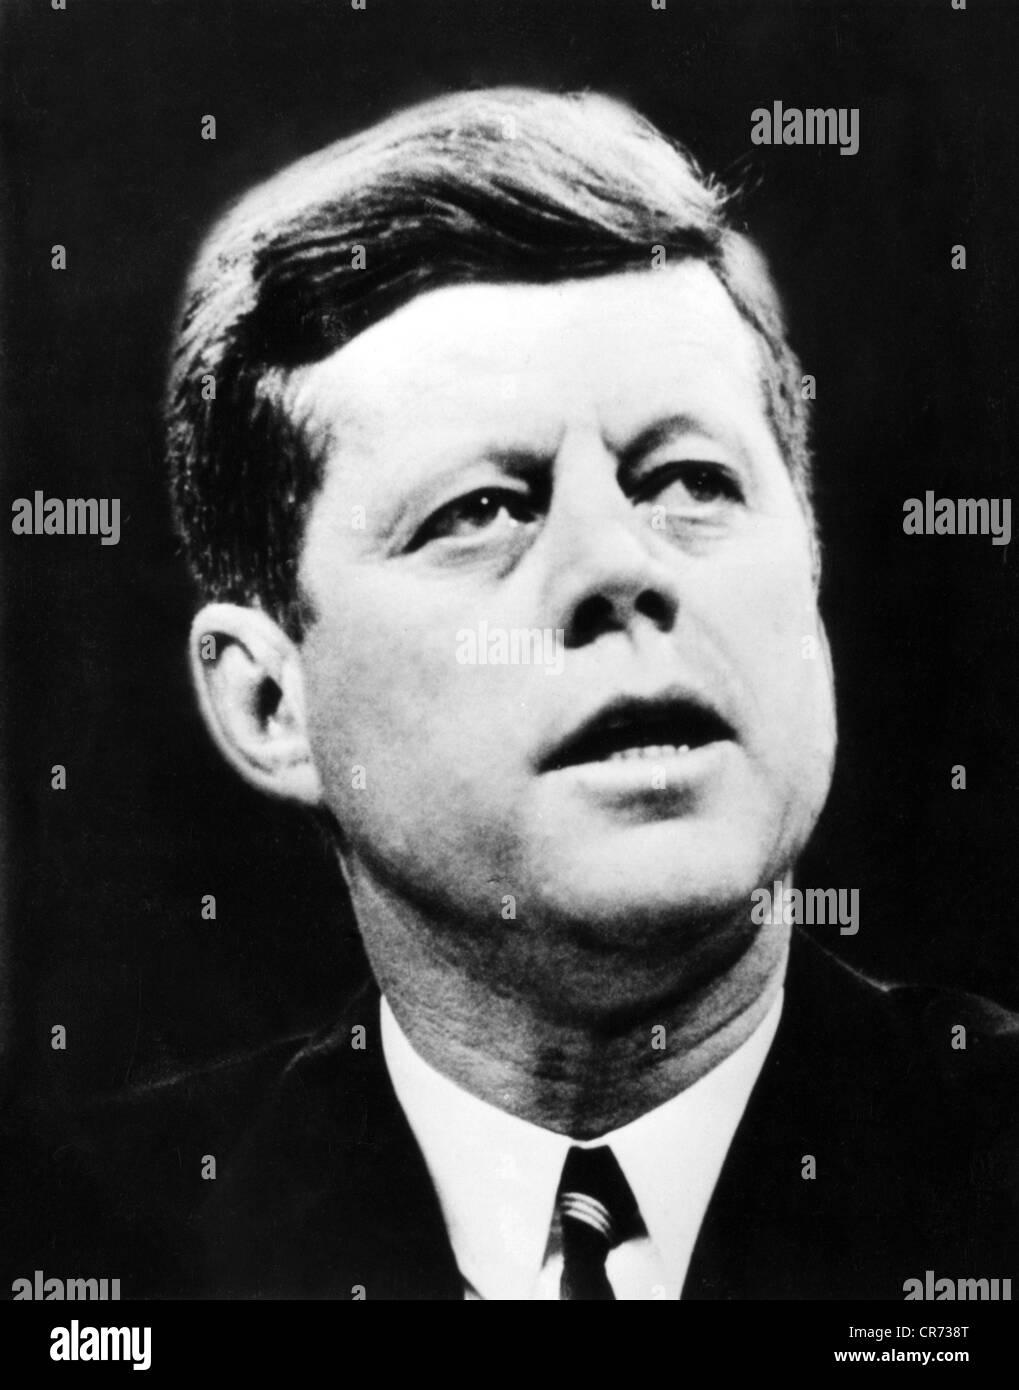 Kennedy, John Fitzgerald, 29.5.1917 - 22.11.1963, Americano (Rep.), Presidente de los Estados Unidos 20.1.1961  Imagen De Stock